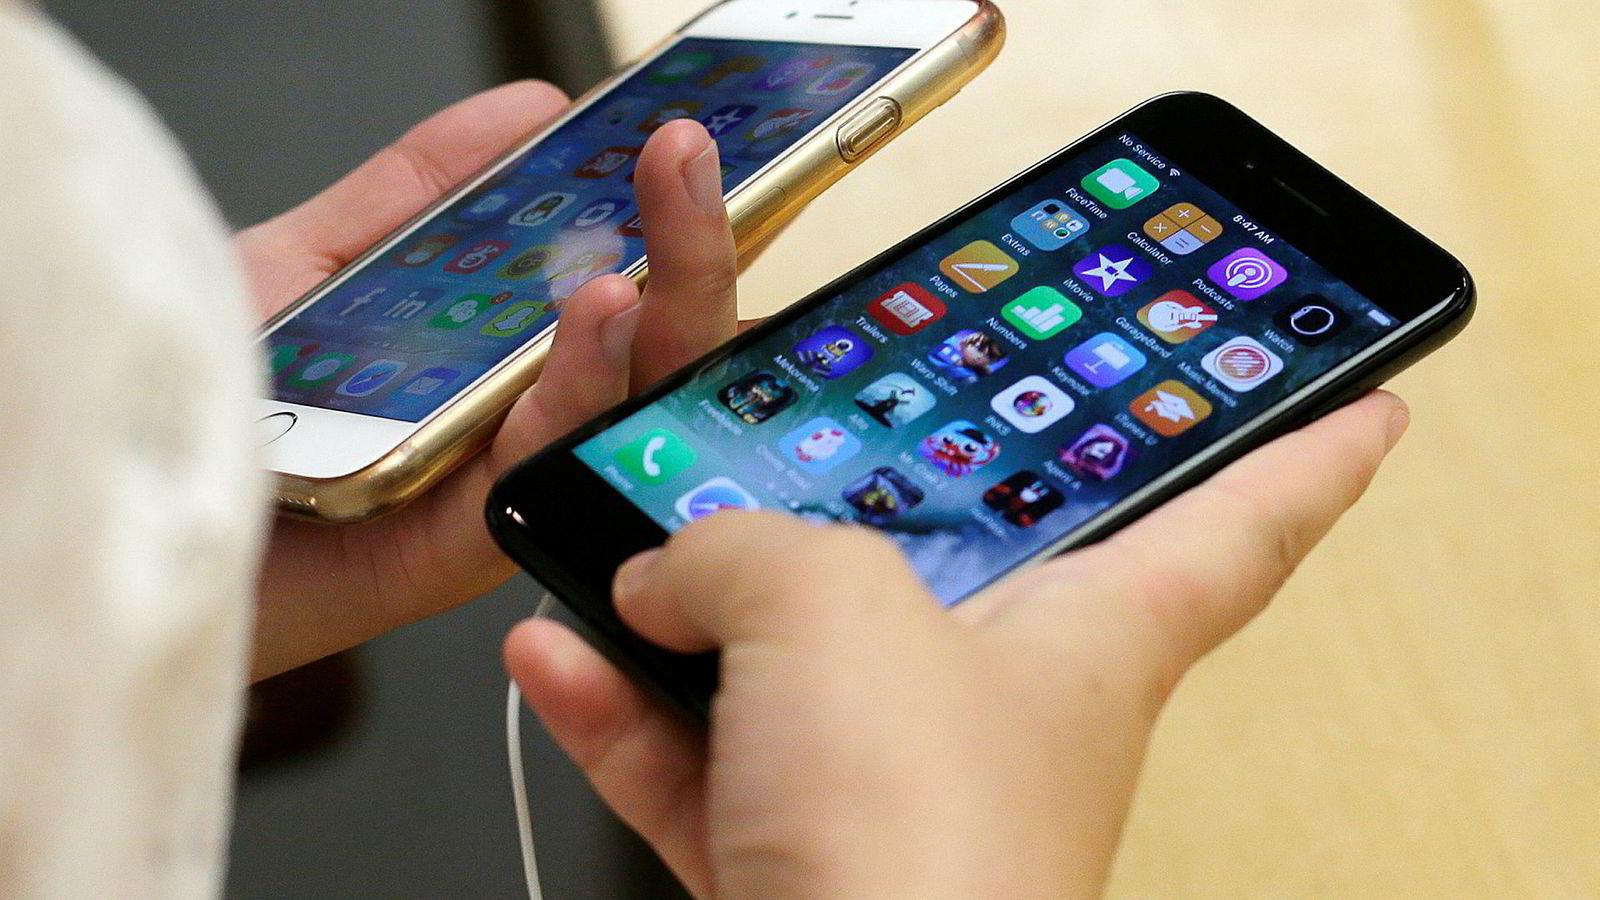 Du kan få penger igjen for din brukte smarttelefon når du skal kjøpe ny – og i tillegg gjøre en innsats for miljøet.